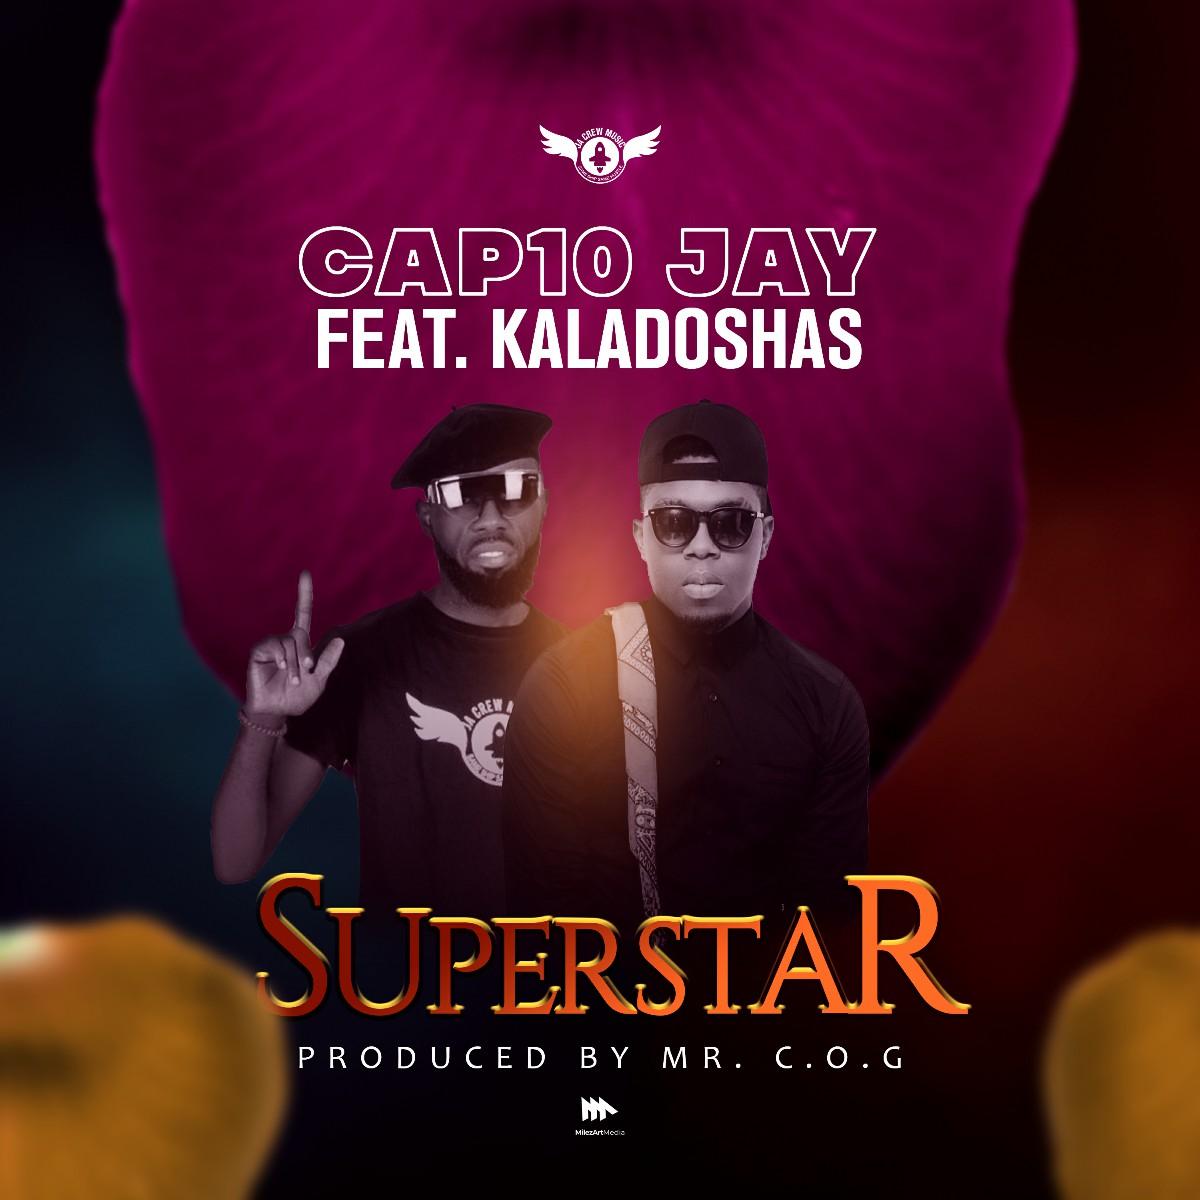 Cap10 Jay ft. Kaladoshas - Superstar